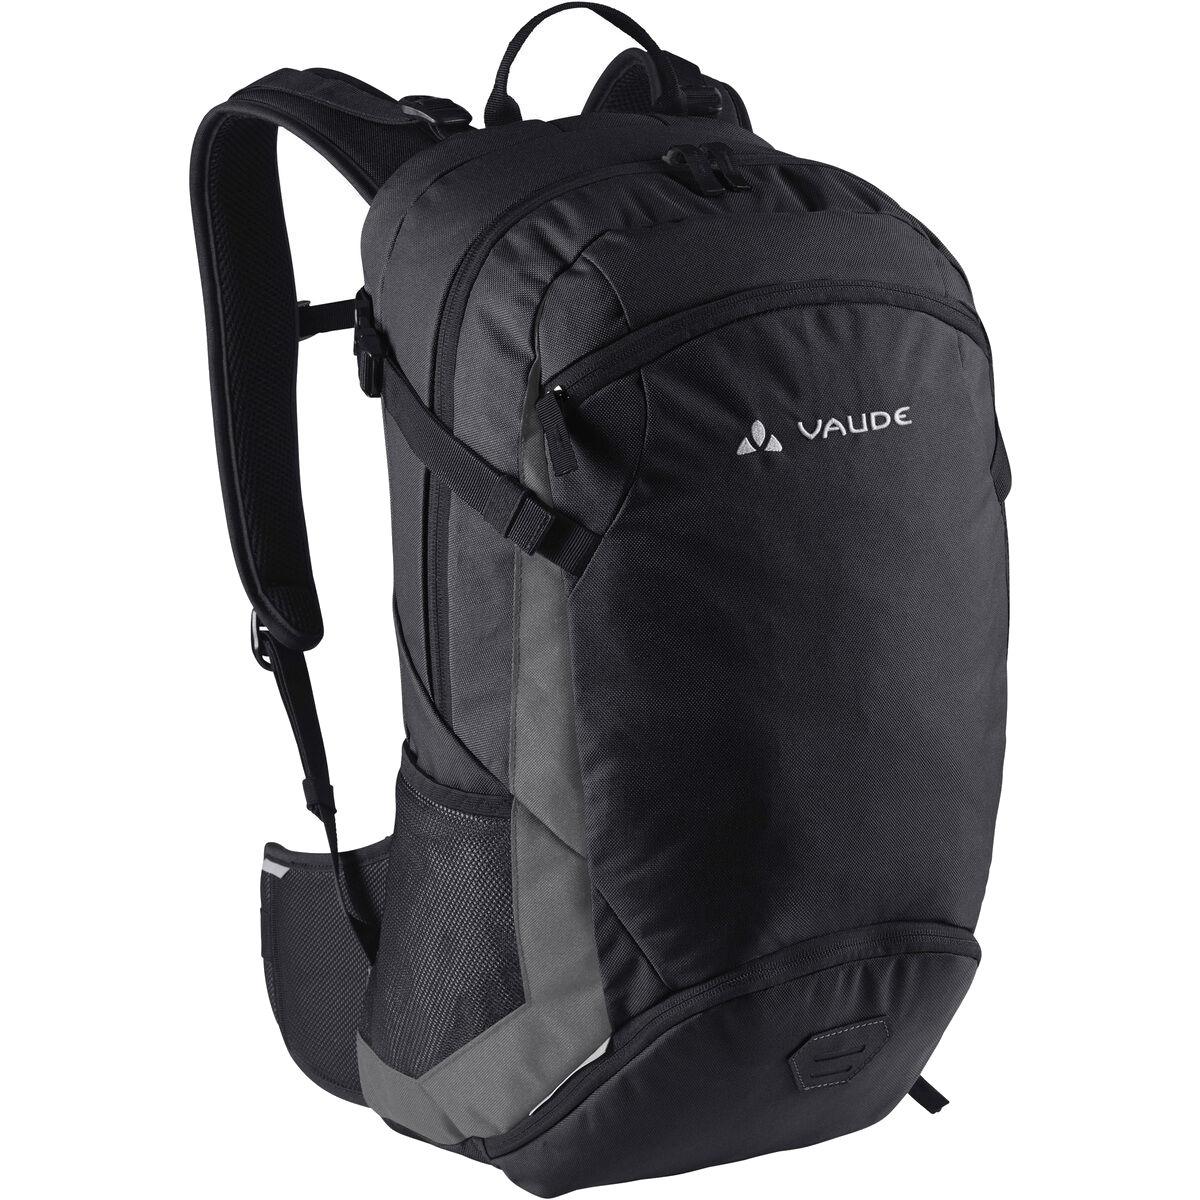 Vaude SE Alpencross 30 Air R II Backpack - black